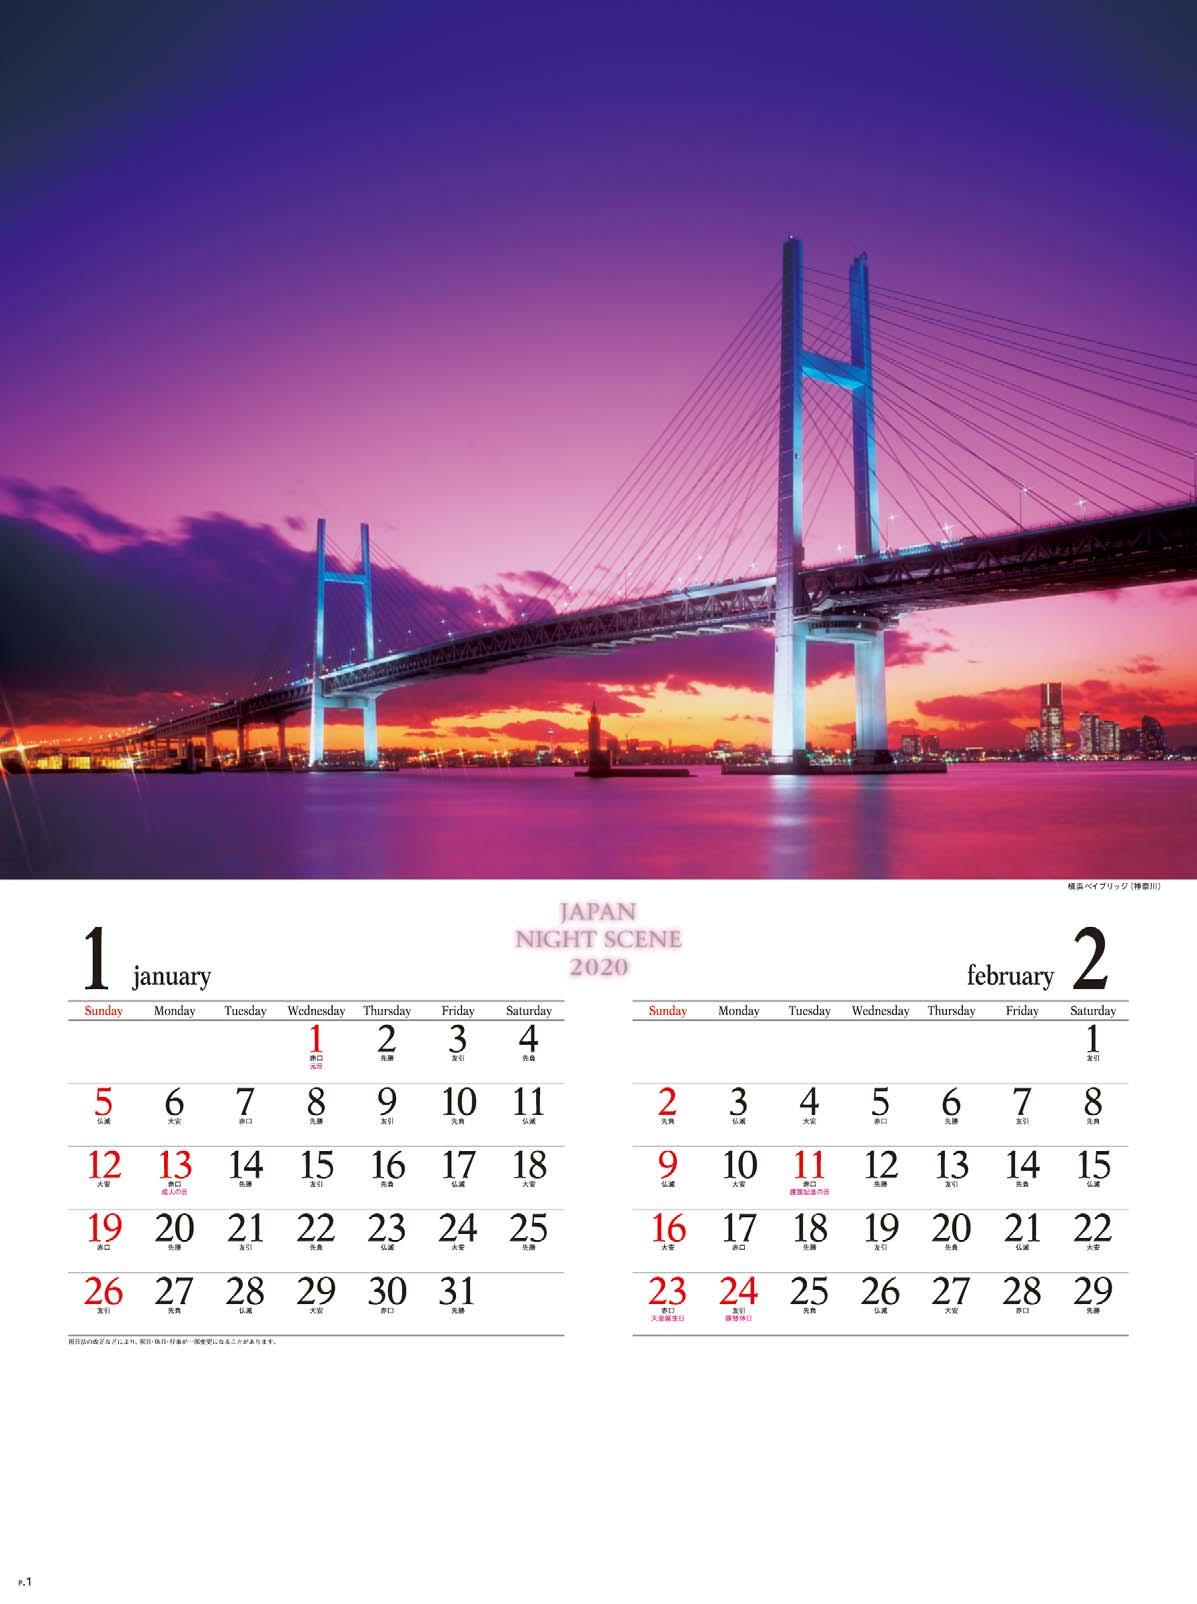 画像:横浜ベイブリッジ(神奈川) ジャパンナイトシーン 日本の夜景 2020年カレンダー